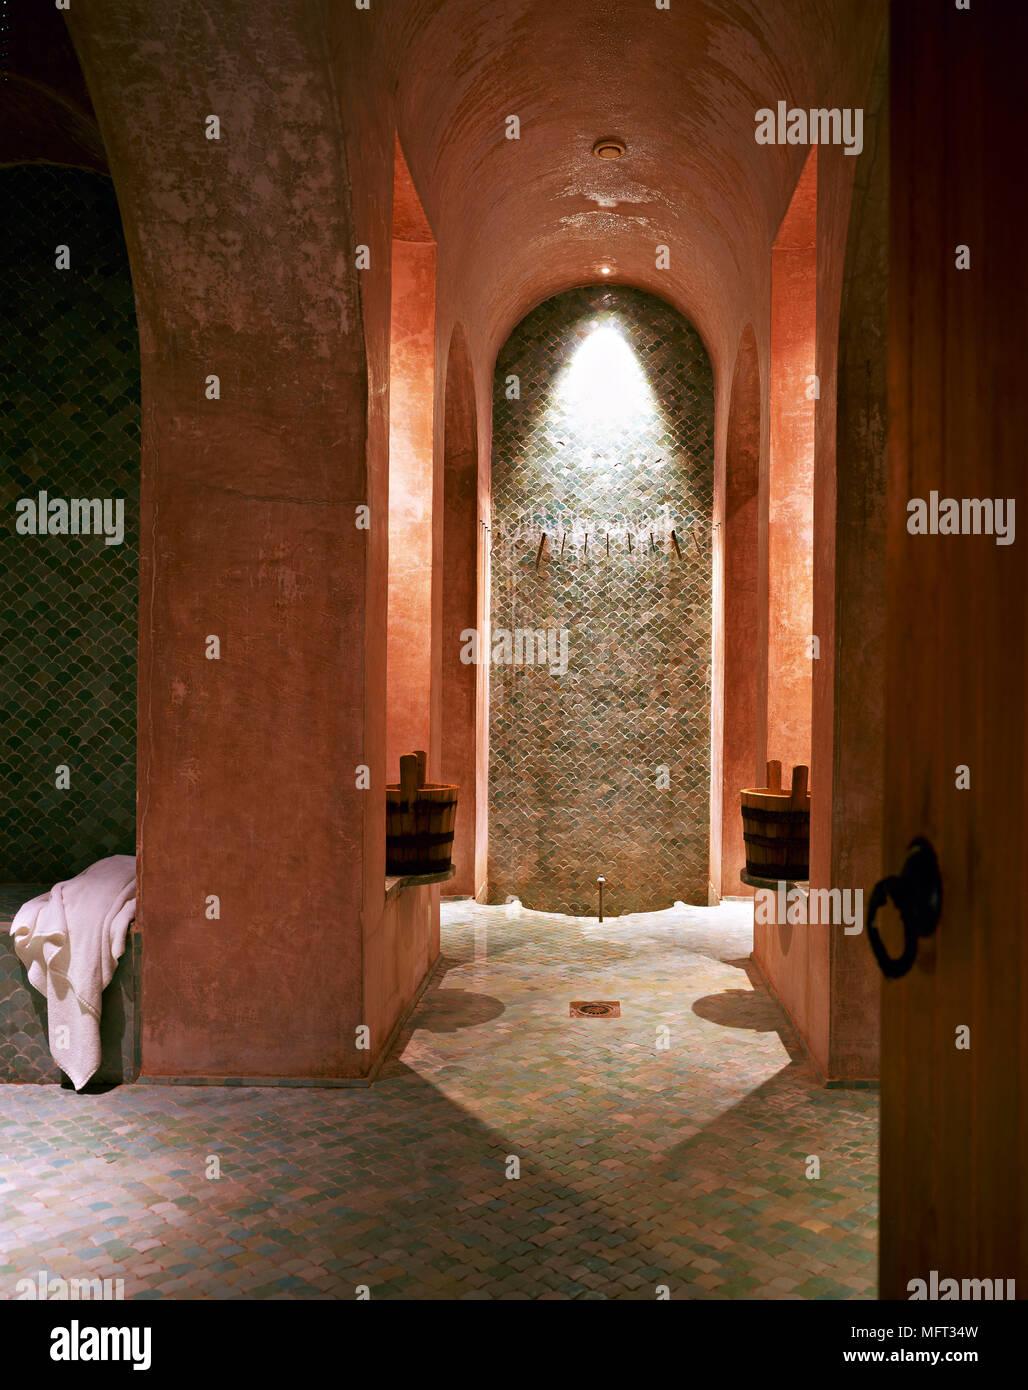 Marokkanische terrracotta Dusche Zimmer gewölbedecke Mosaikfliesen ...